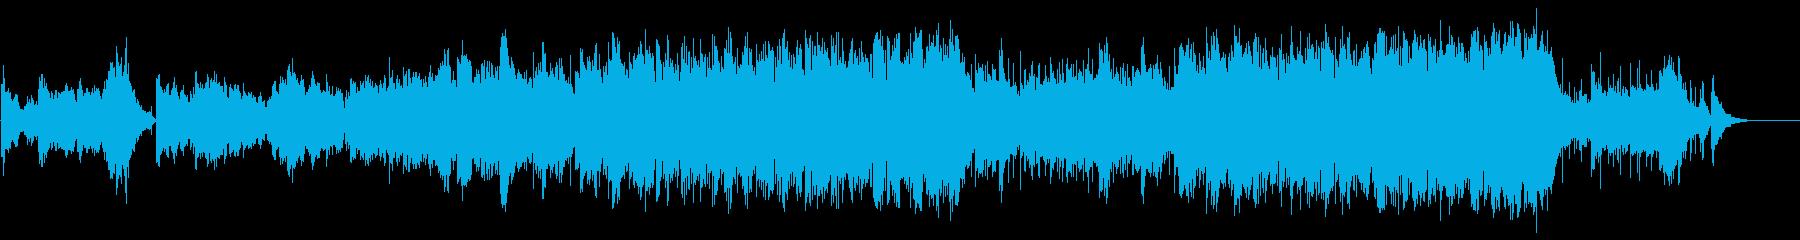 疲れを癒すハートフルなミディアムバラードの再生済みの波形